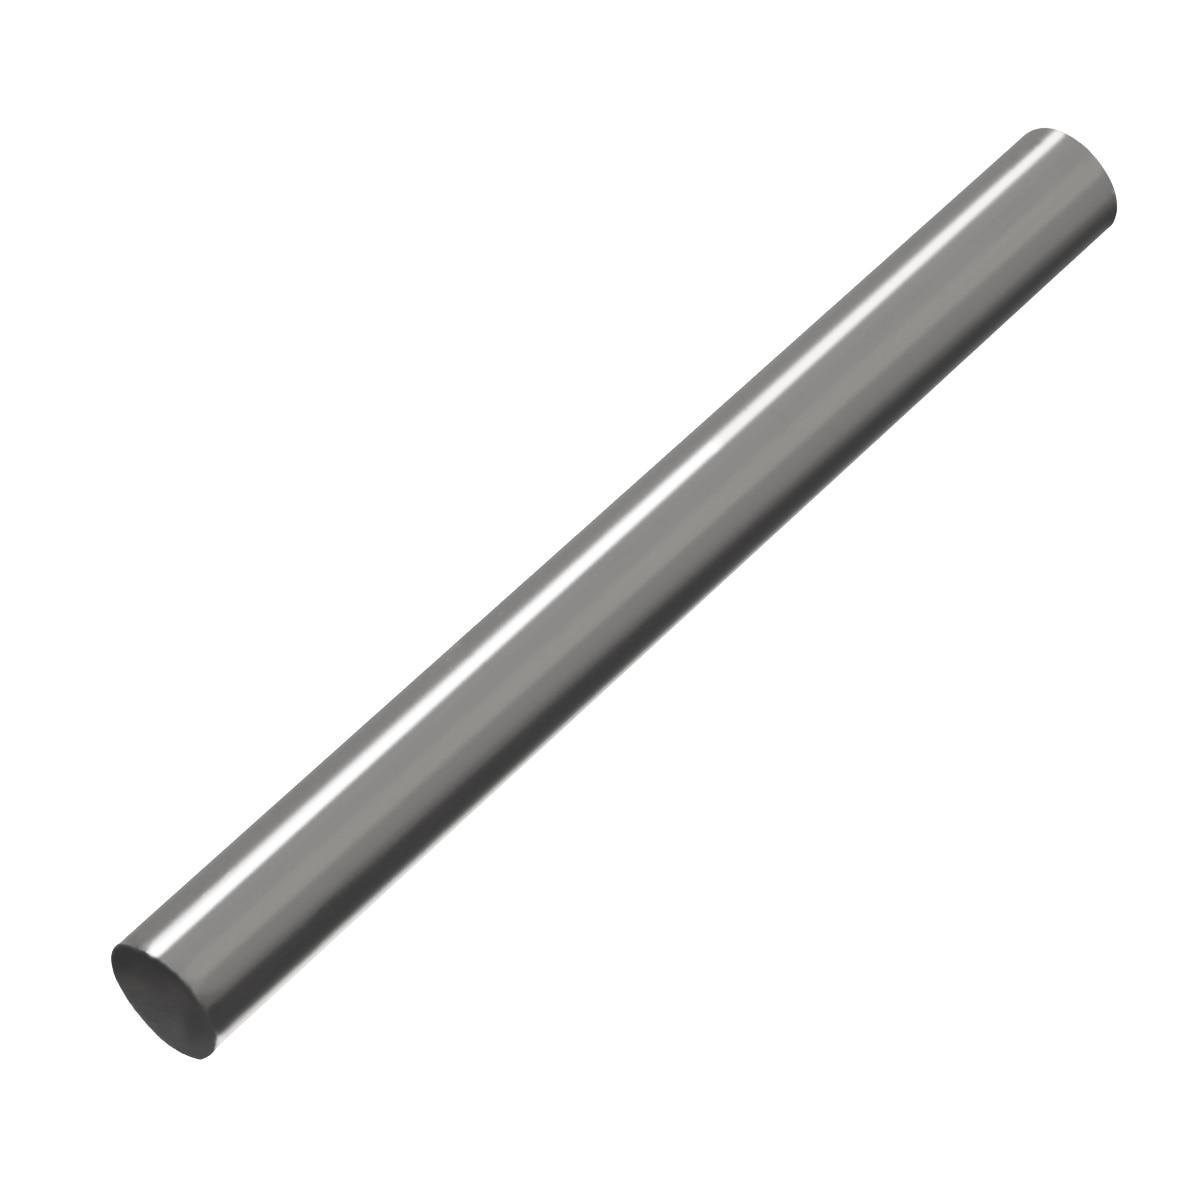 Титановый стержень Ti GR2 GR2, 1 шт., 10 мм * 100 мм, круглый стержень для промышленного инструмента